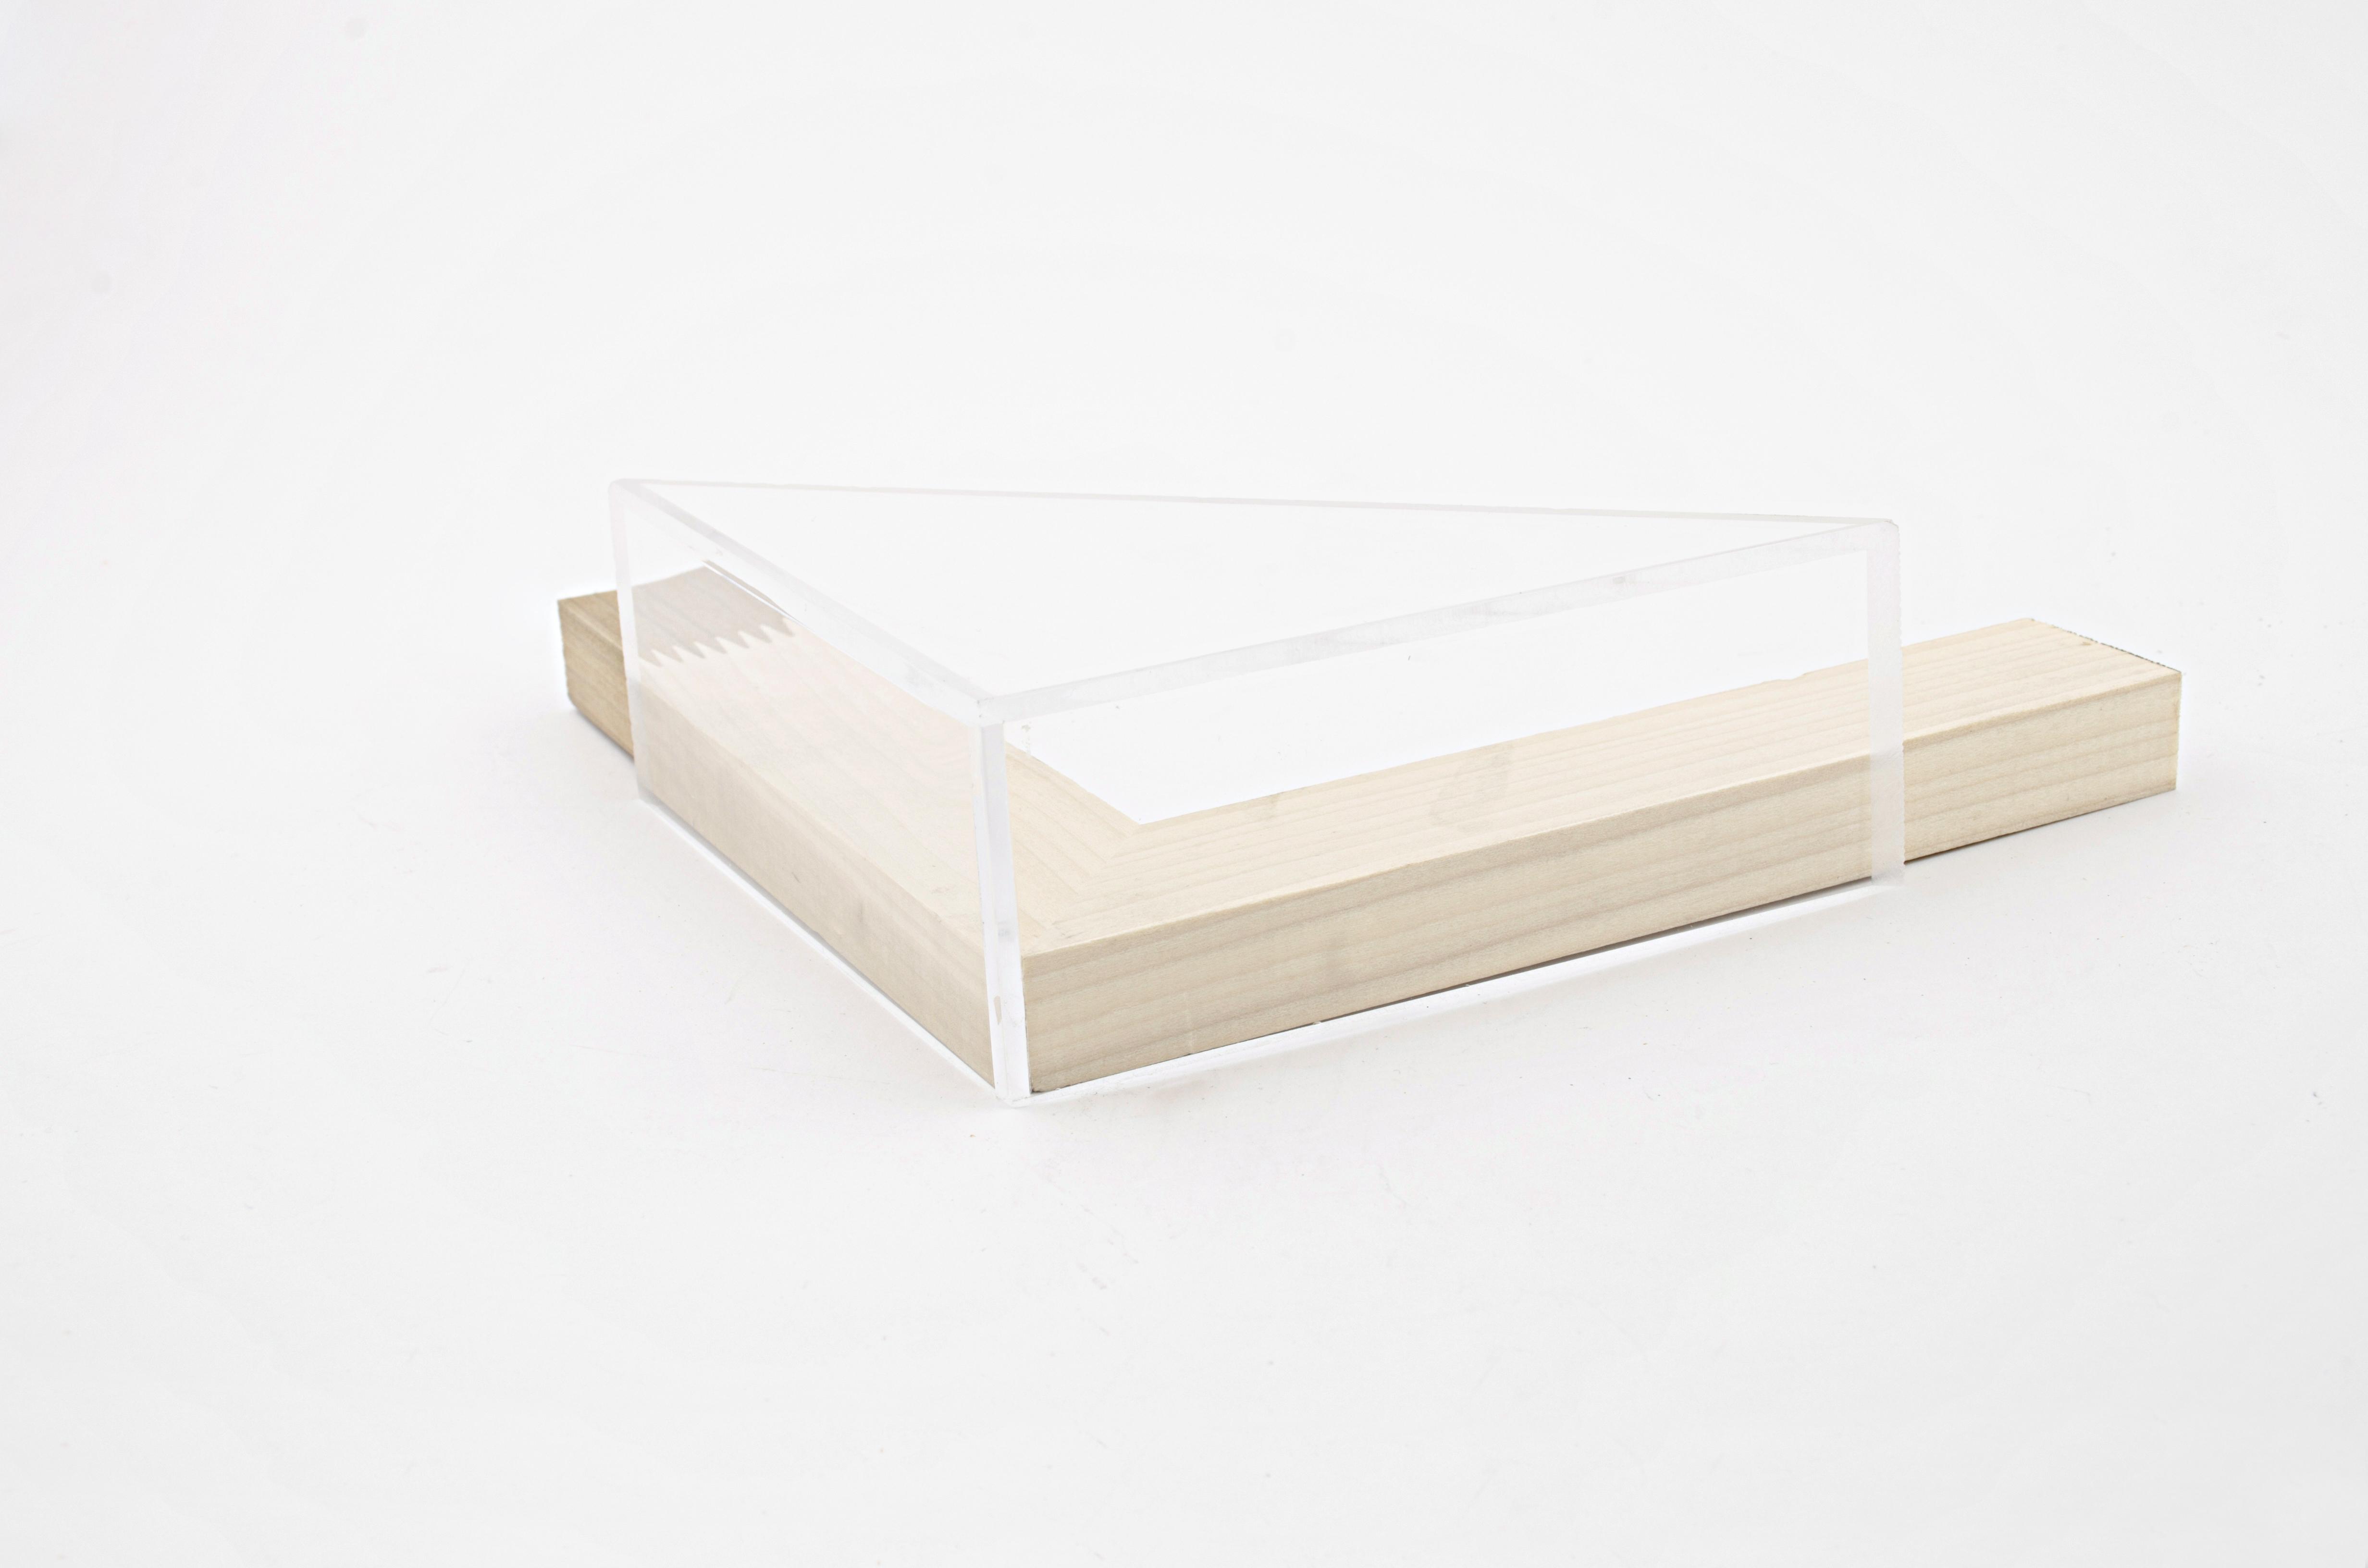 Acrylic Box Frame - SmallCorpSmallCorp